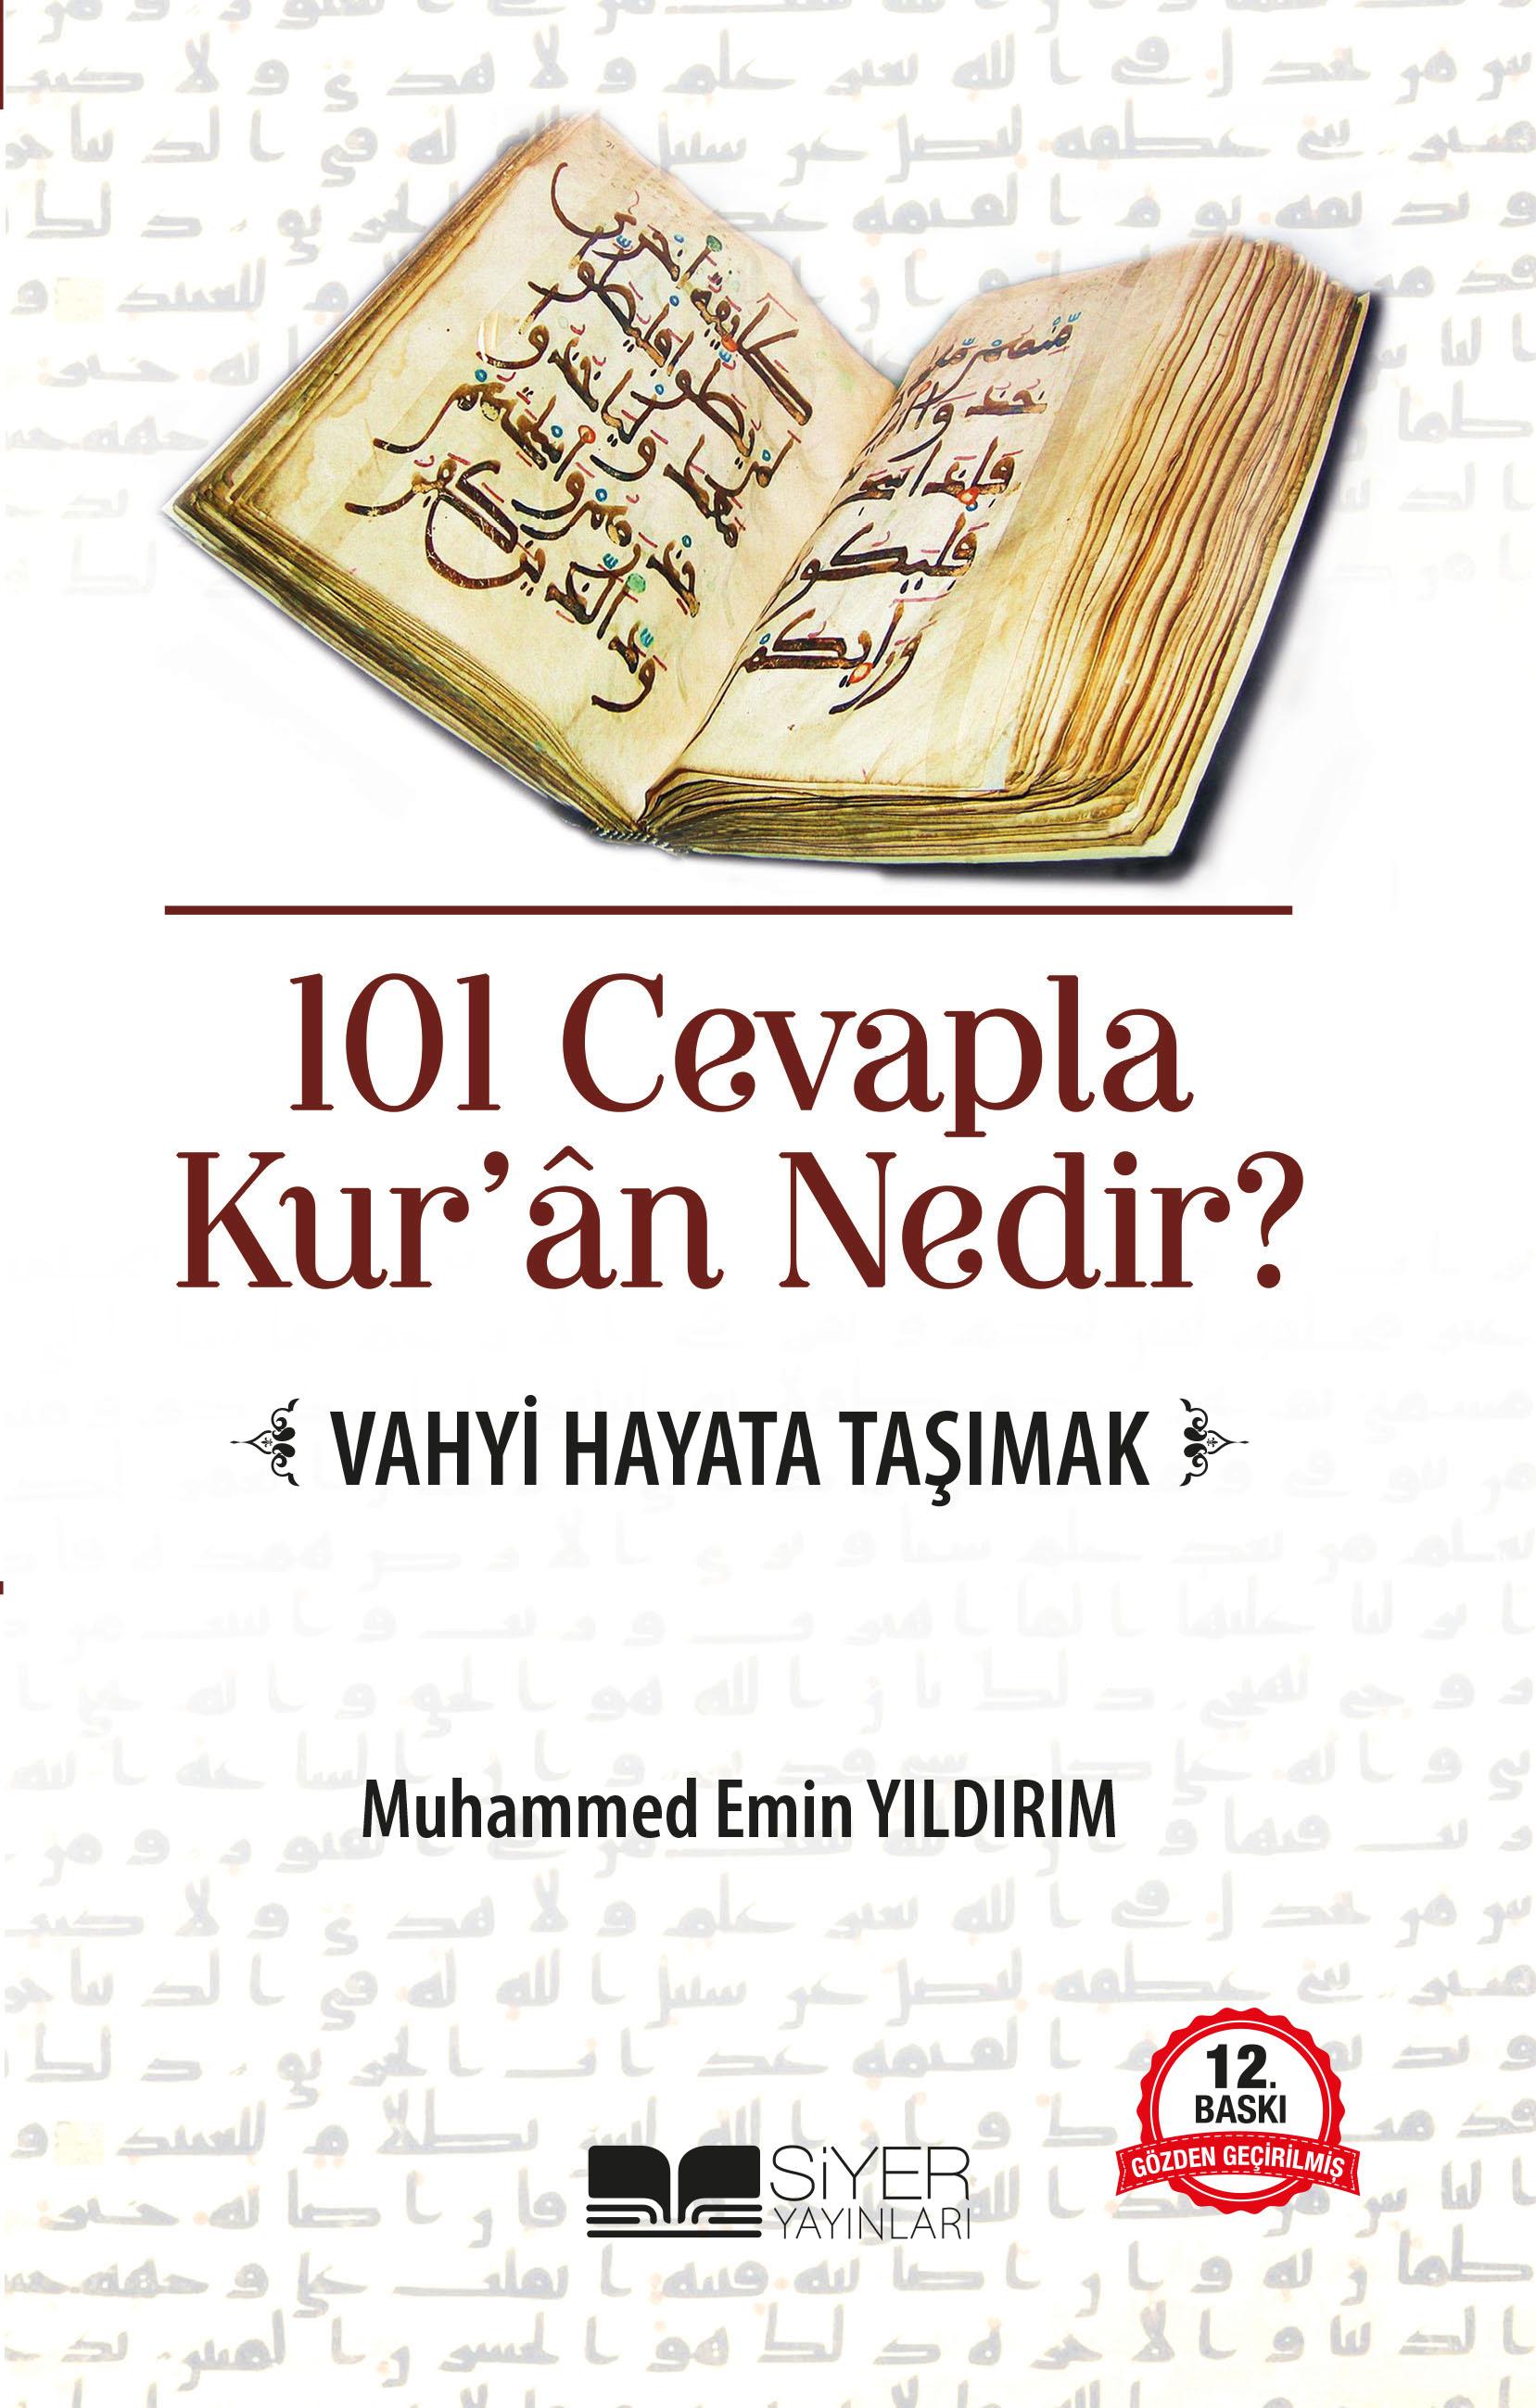 101 Cevapla Kur'an Nedir? Vahyi Hayata Taşımak